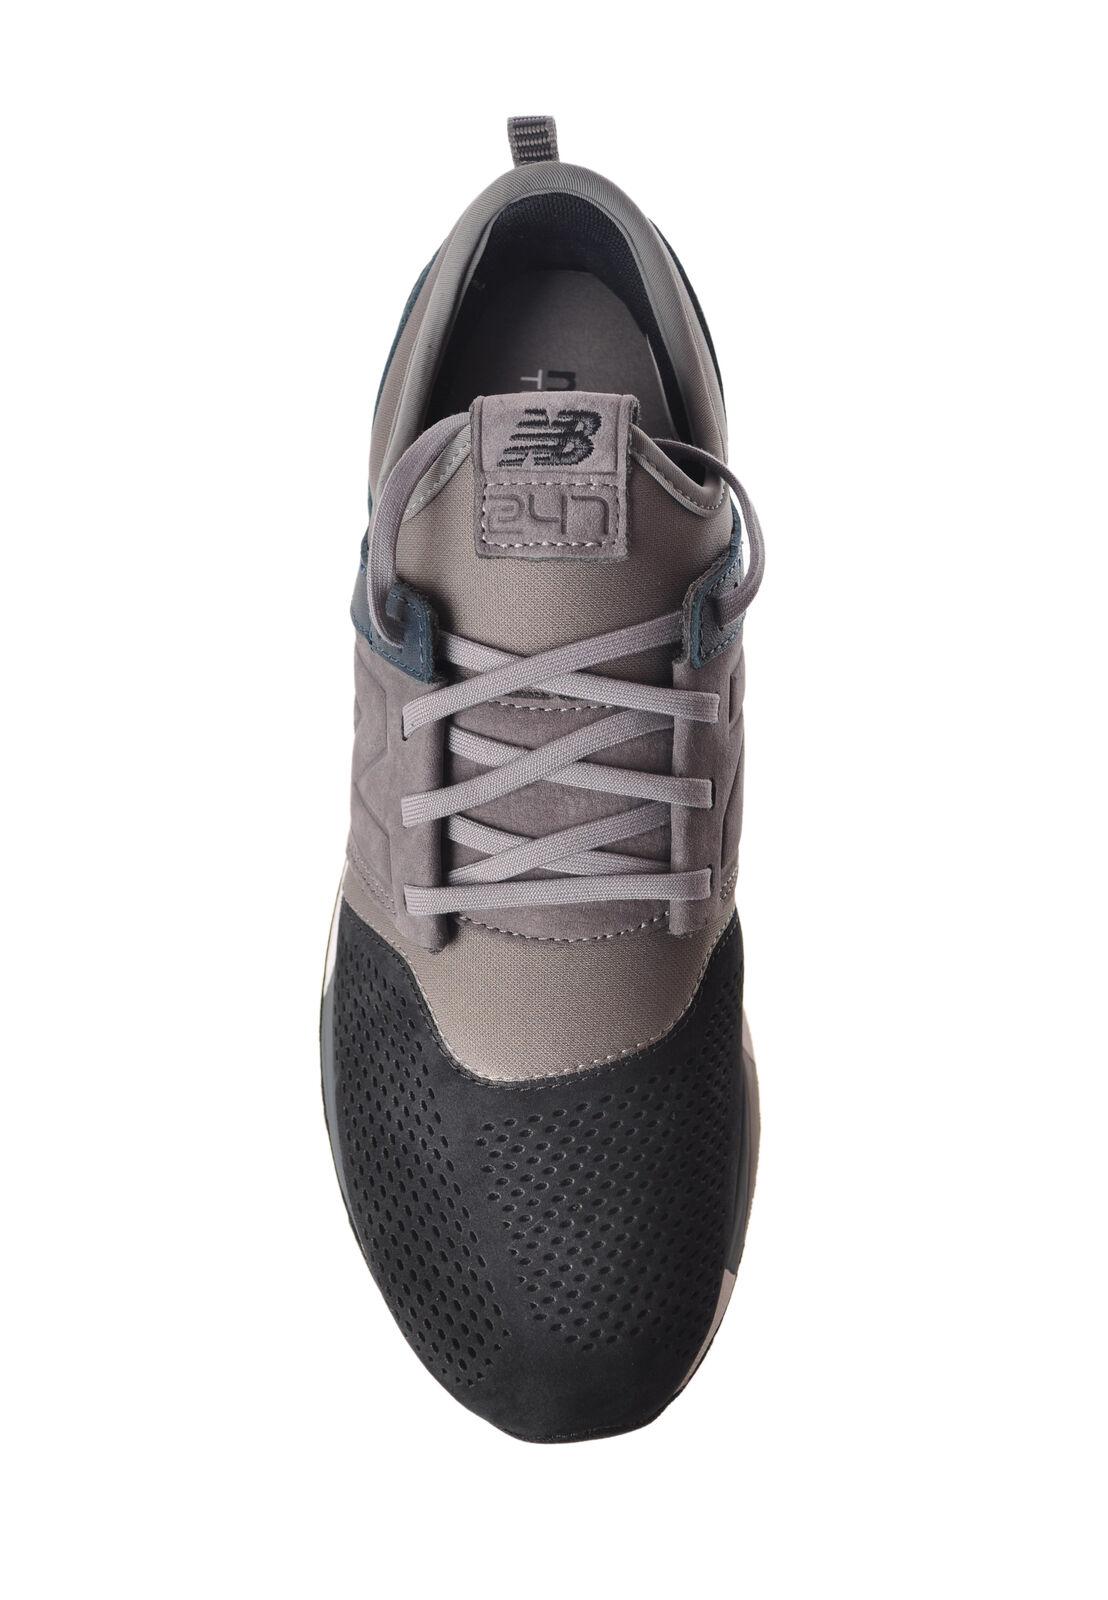 New balance - schuhe, schuhe - mann - grau grau grau - 4748910h185041 983727